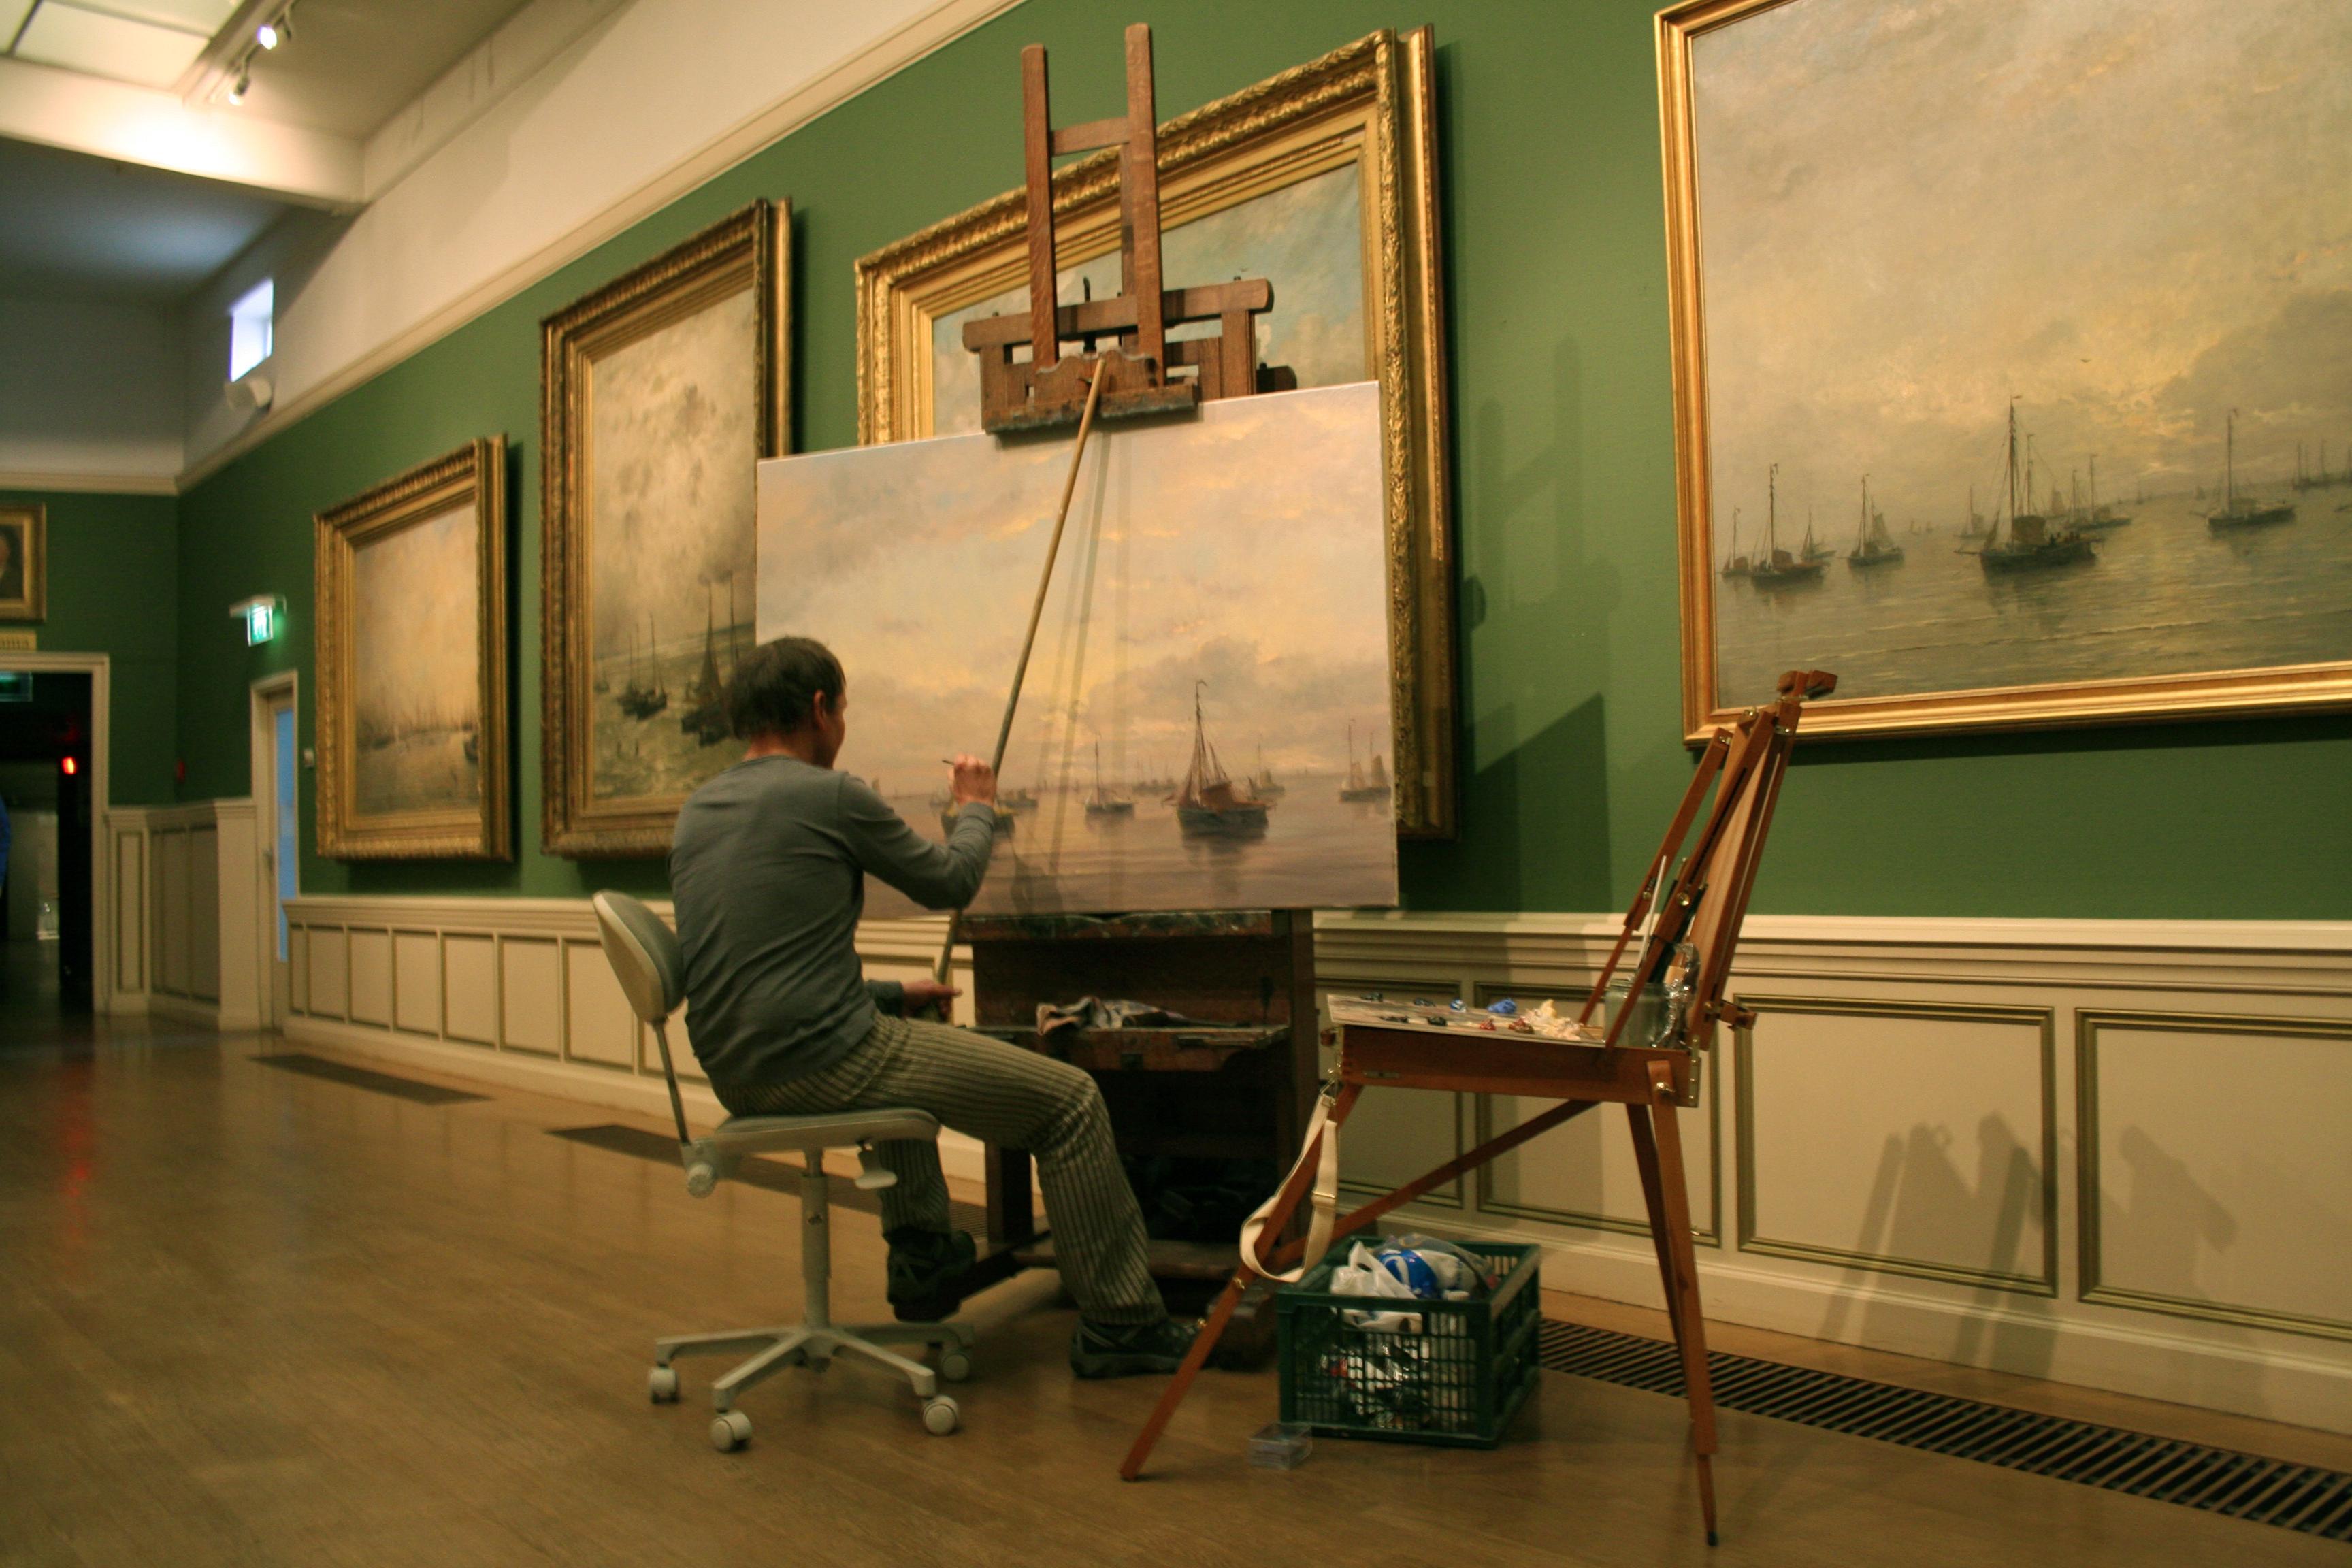 Kunstschilder Simon Balyon in het Mesdagmuseum